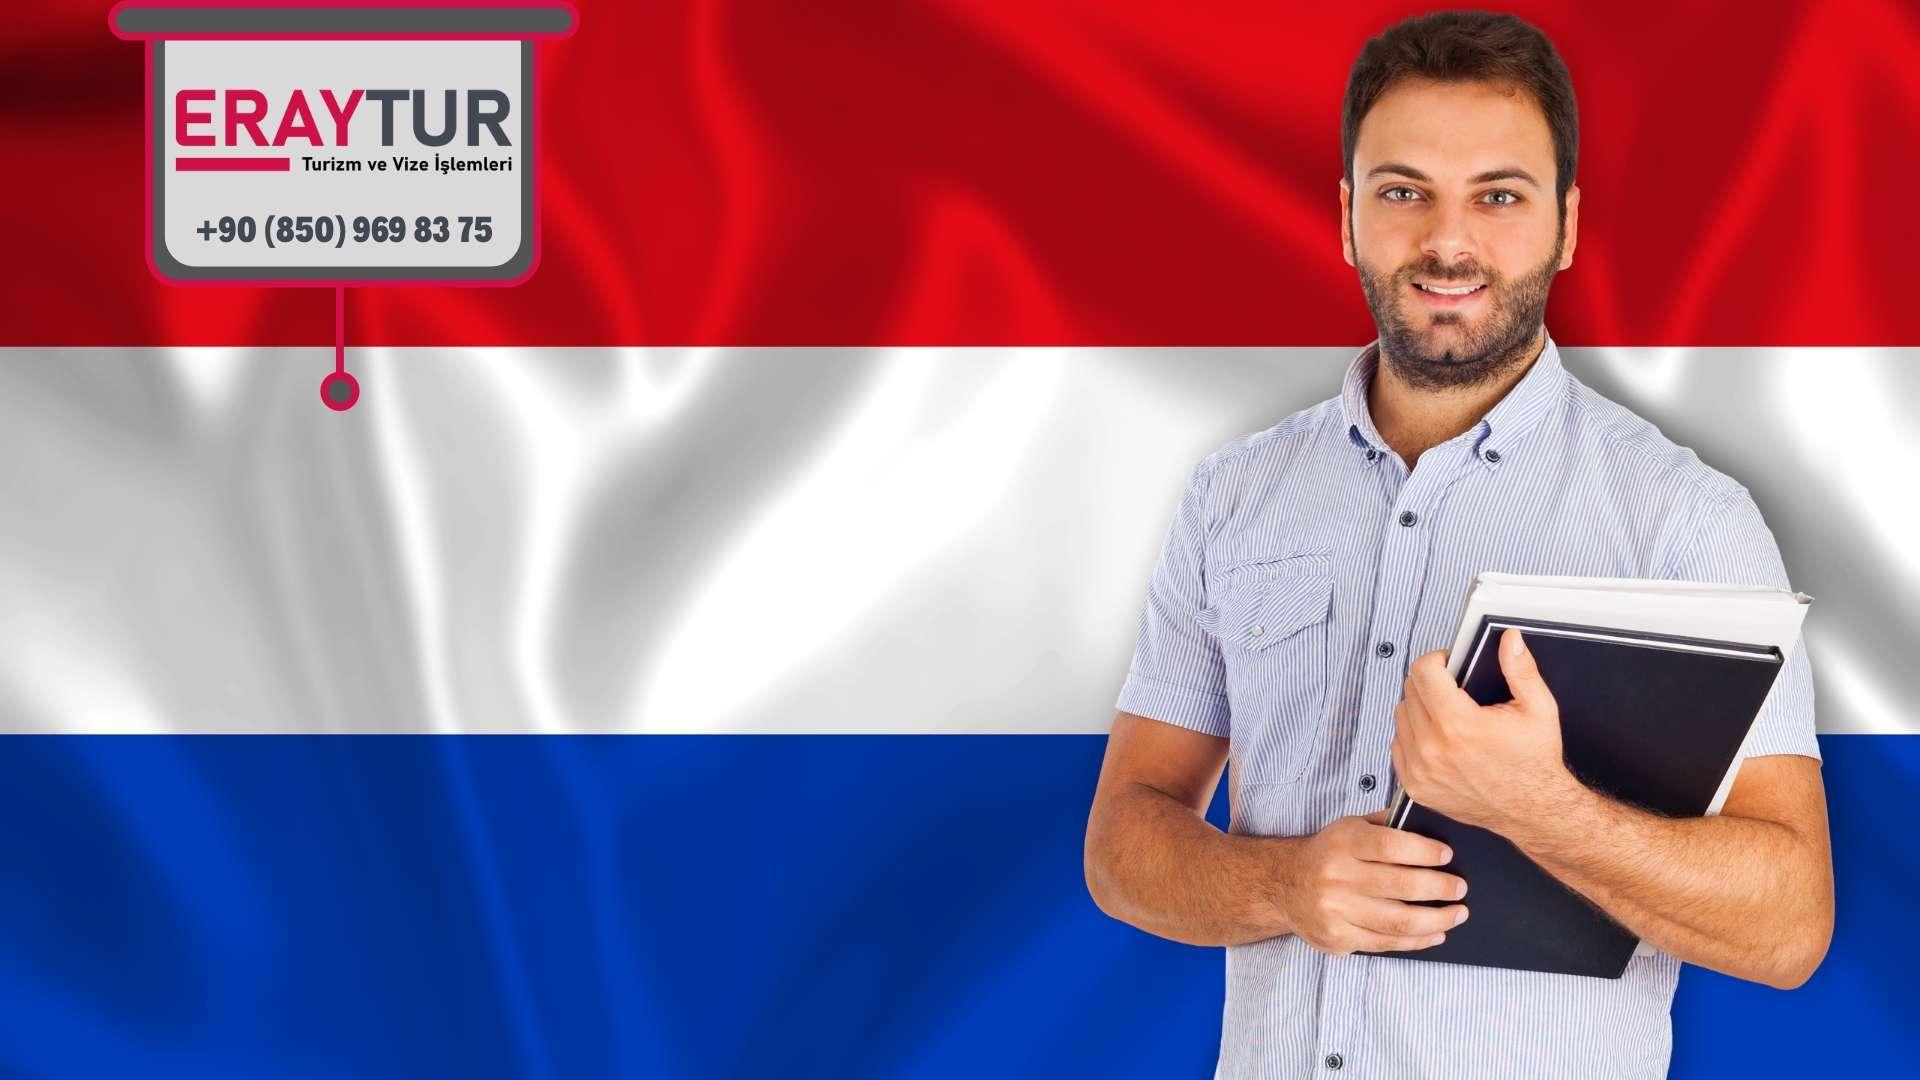 Hollanda Turistik Vize Çalışan Evrakları